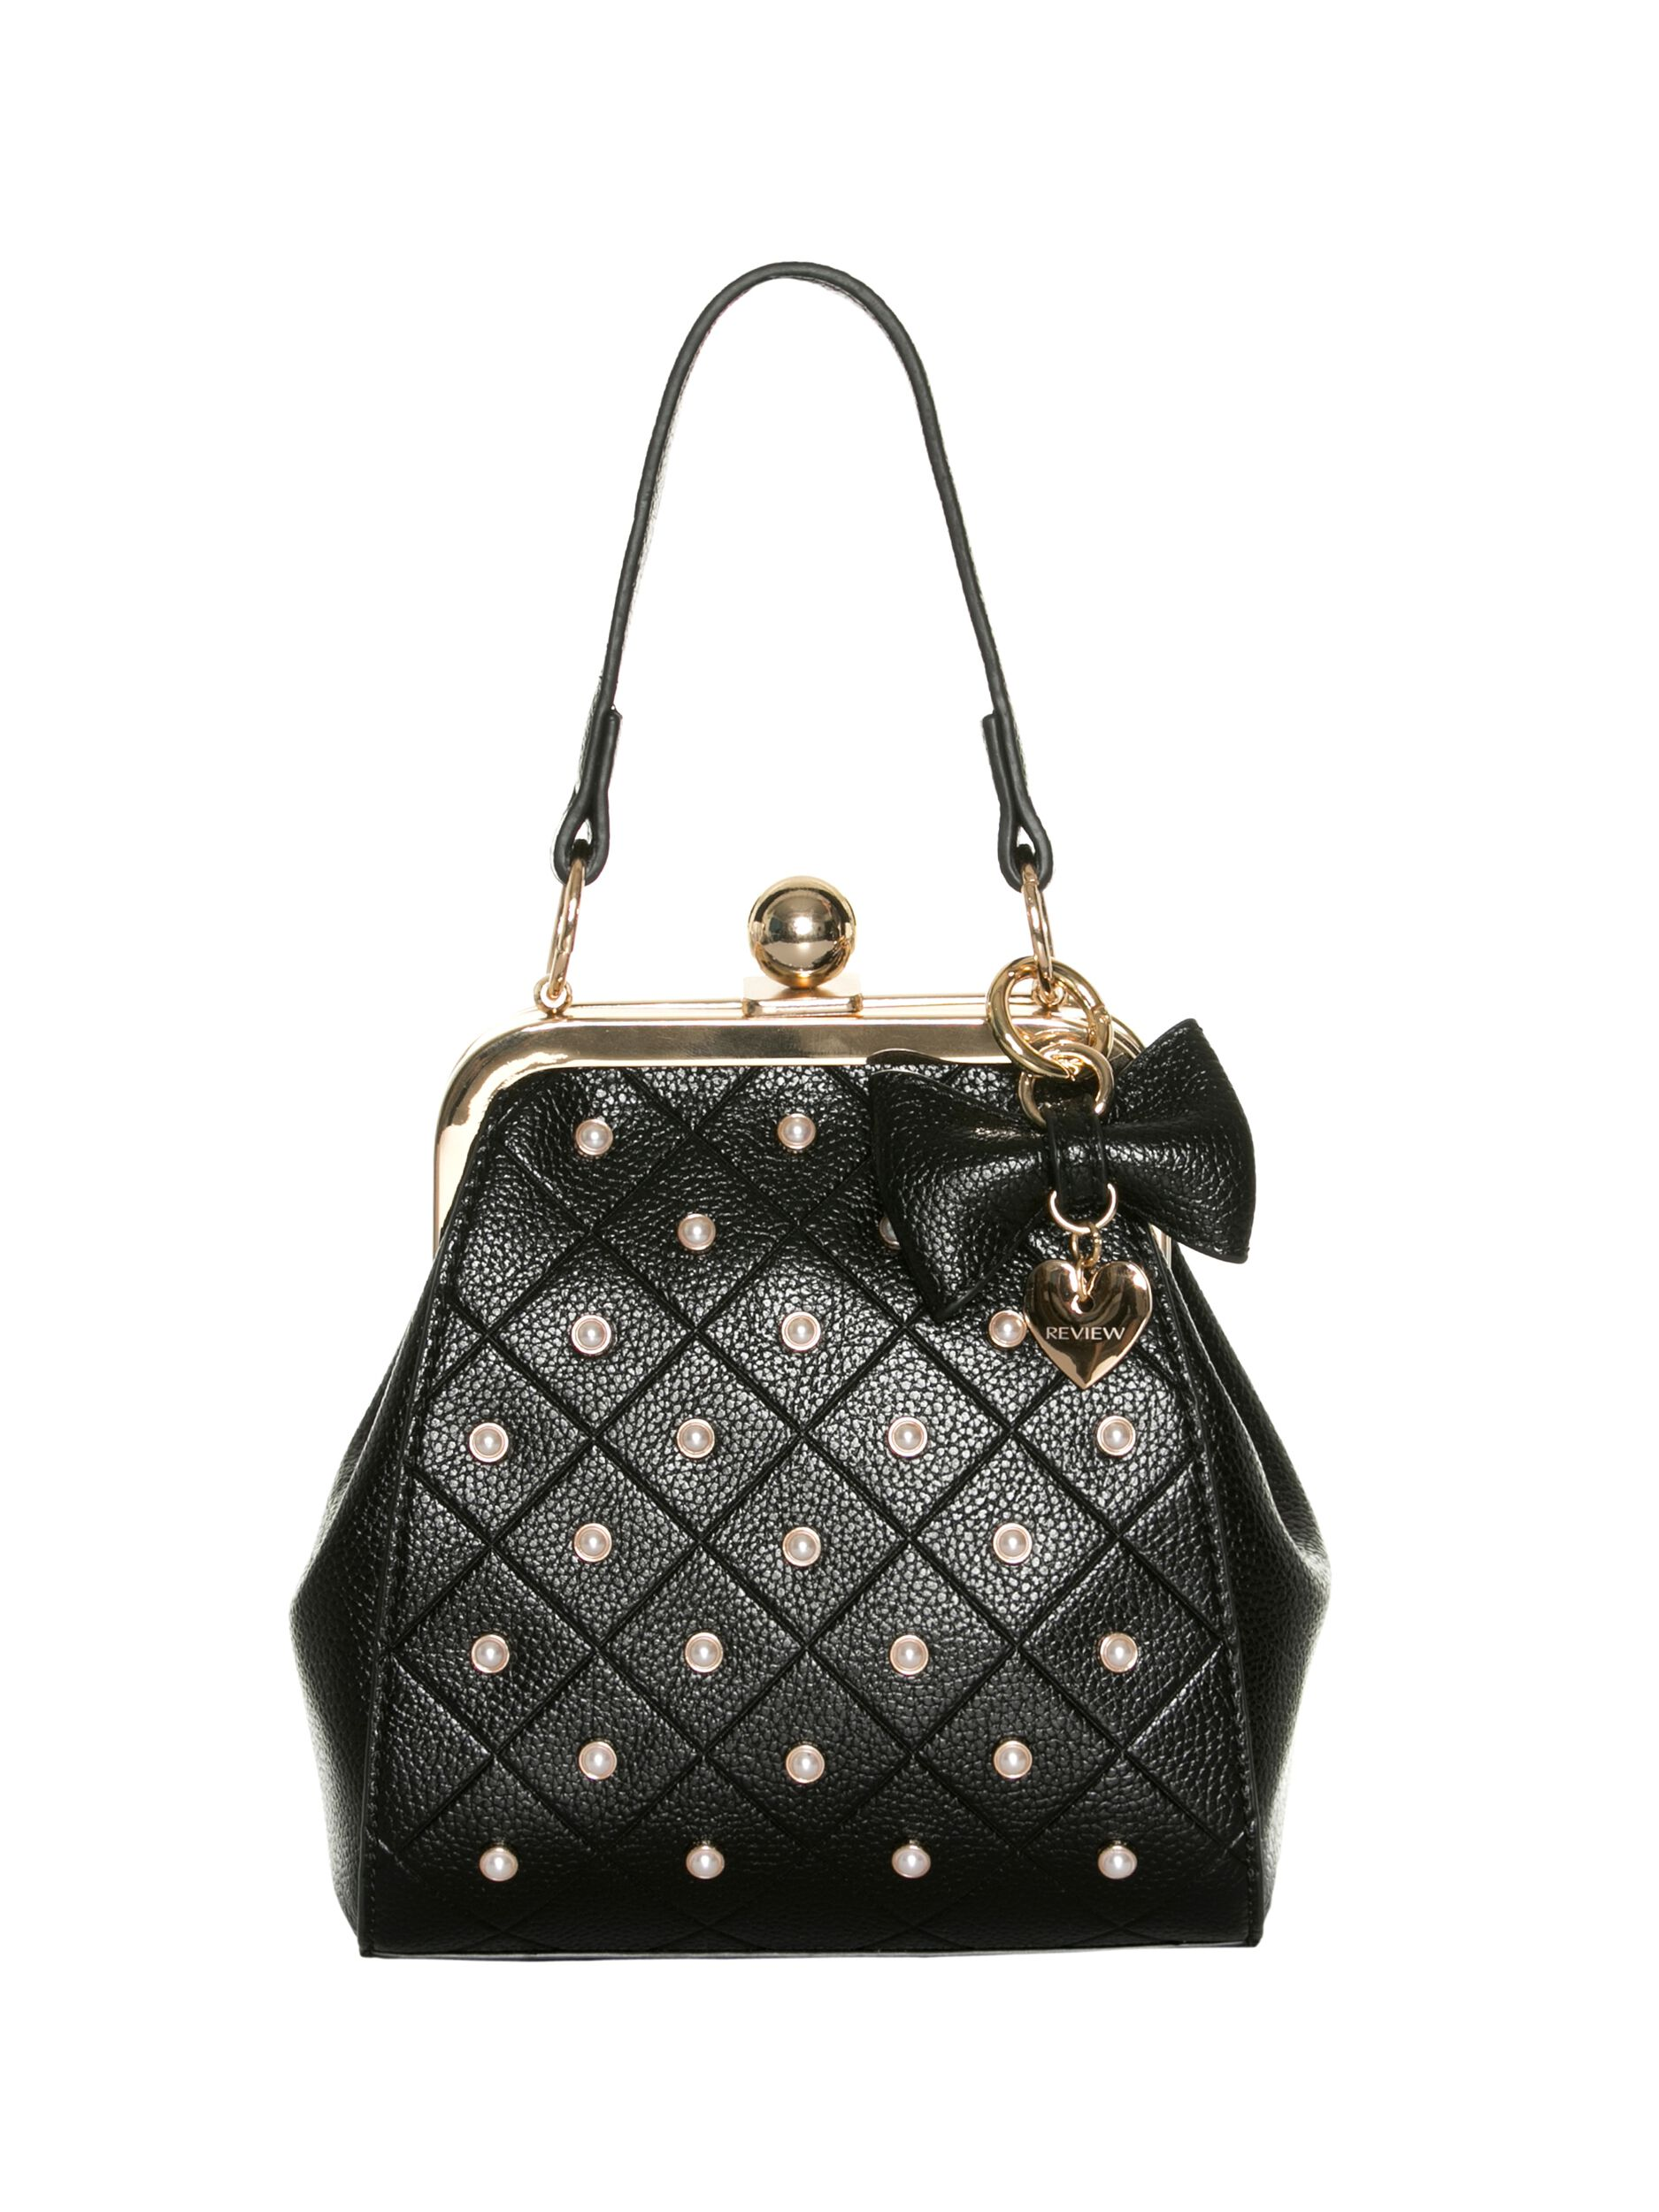 Shortcake Bag